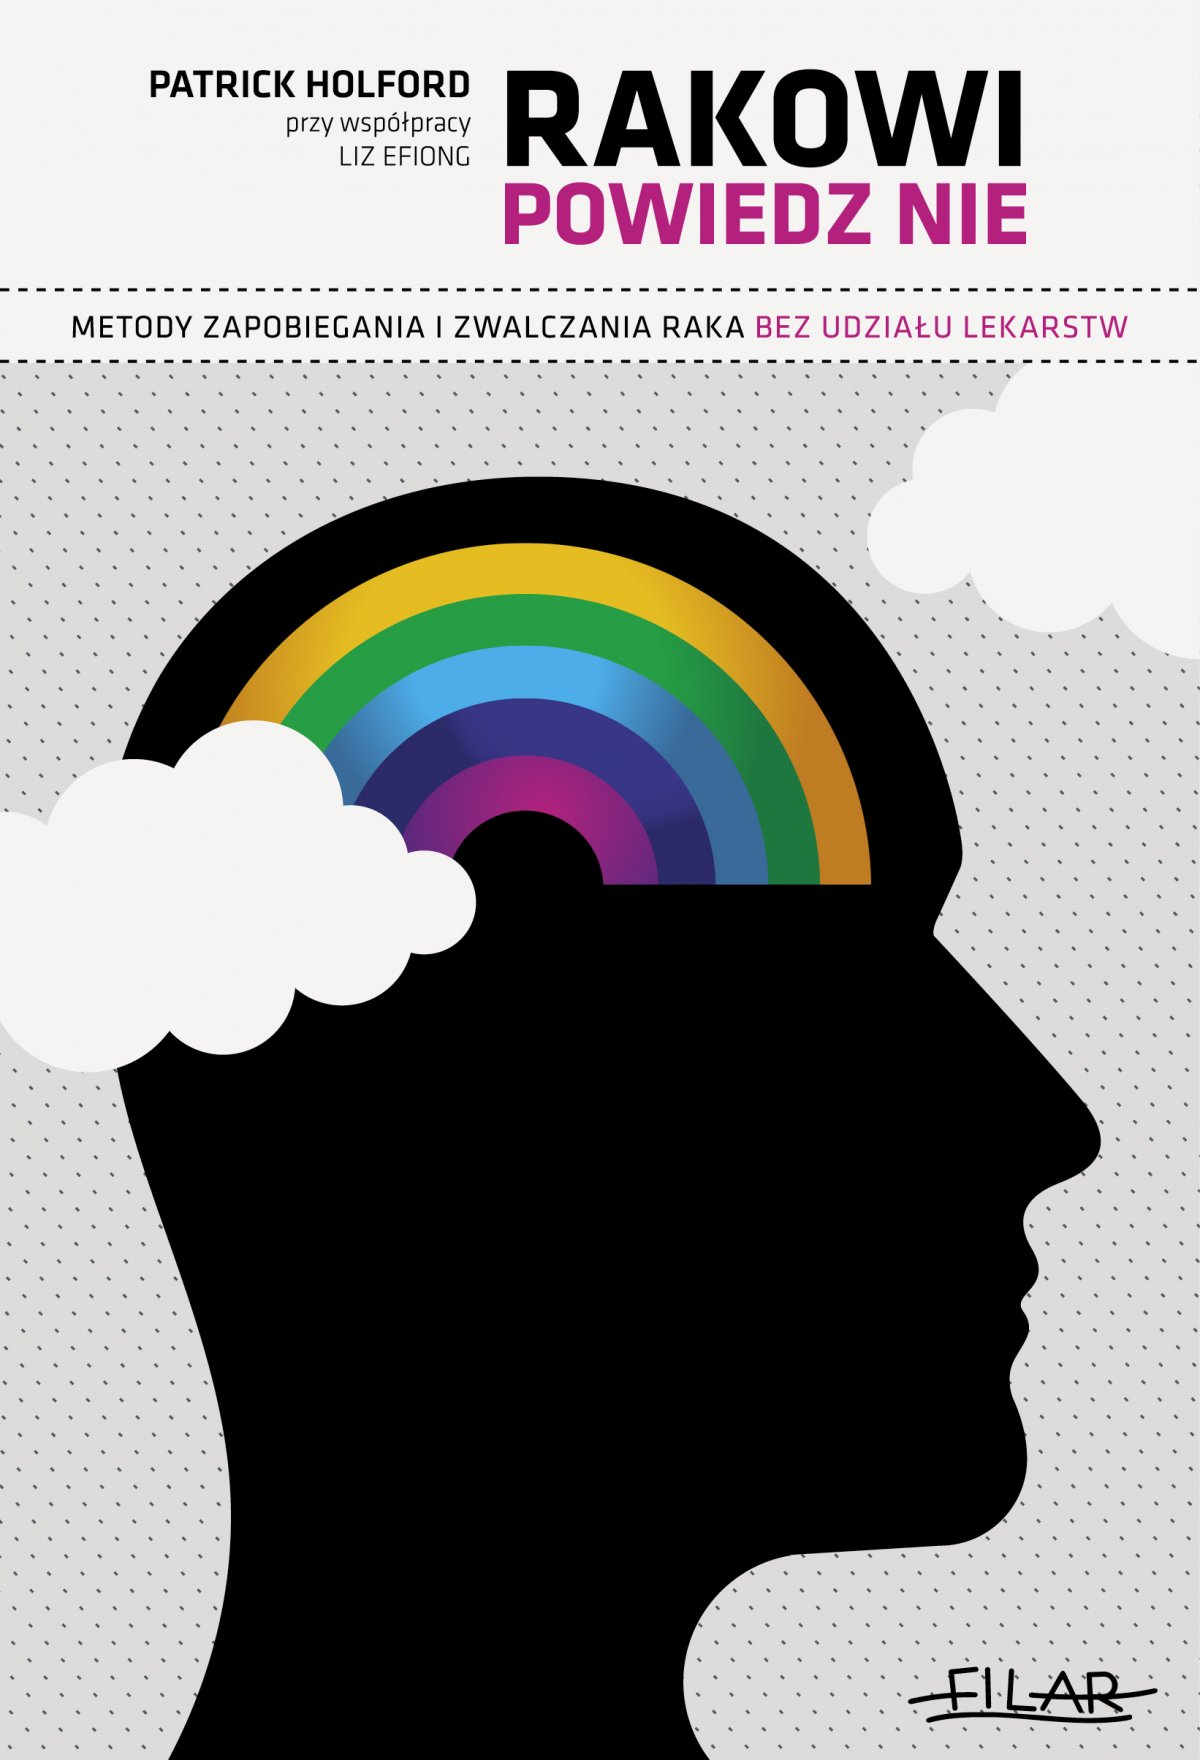 Rakowi powiedz NIE. Metody zapobiegania i zwalczania raka bez udziału lekarstw. - Ebook (Książka PDF) do pobrania w formacie PDF